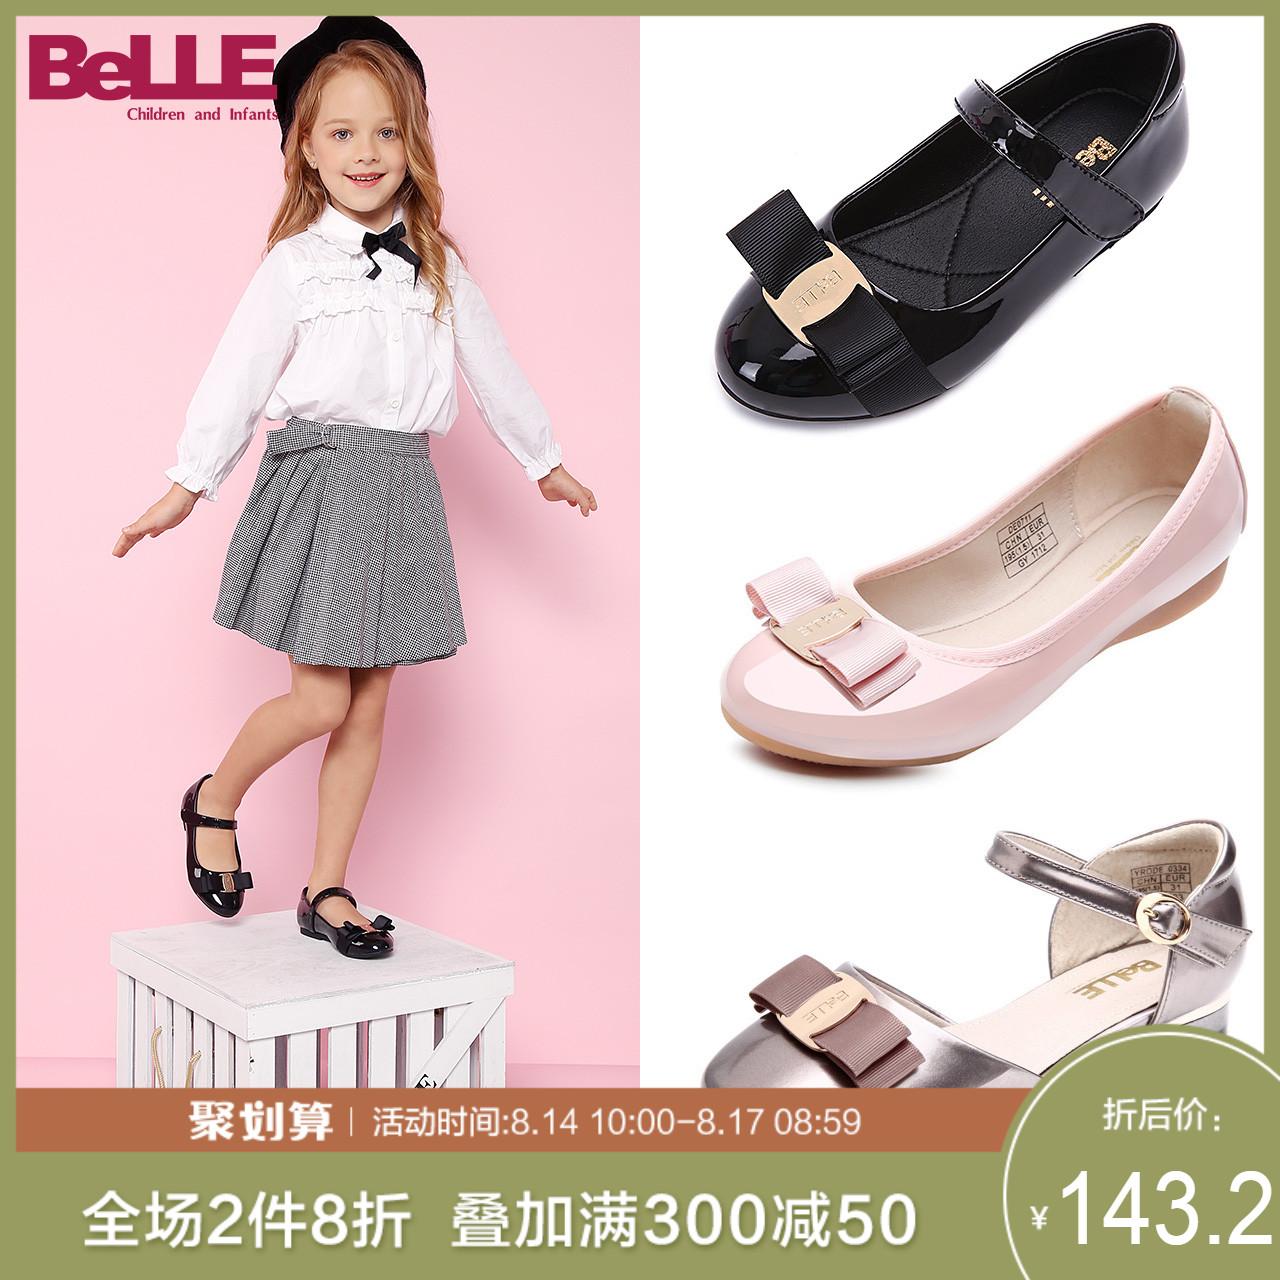 百丽童鞋儿童皮鞋公主鞋2019秋季学生鞋蛋卷鞋舞蹈鞋黑色女童单鞋